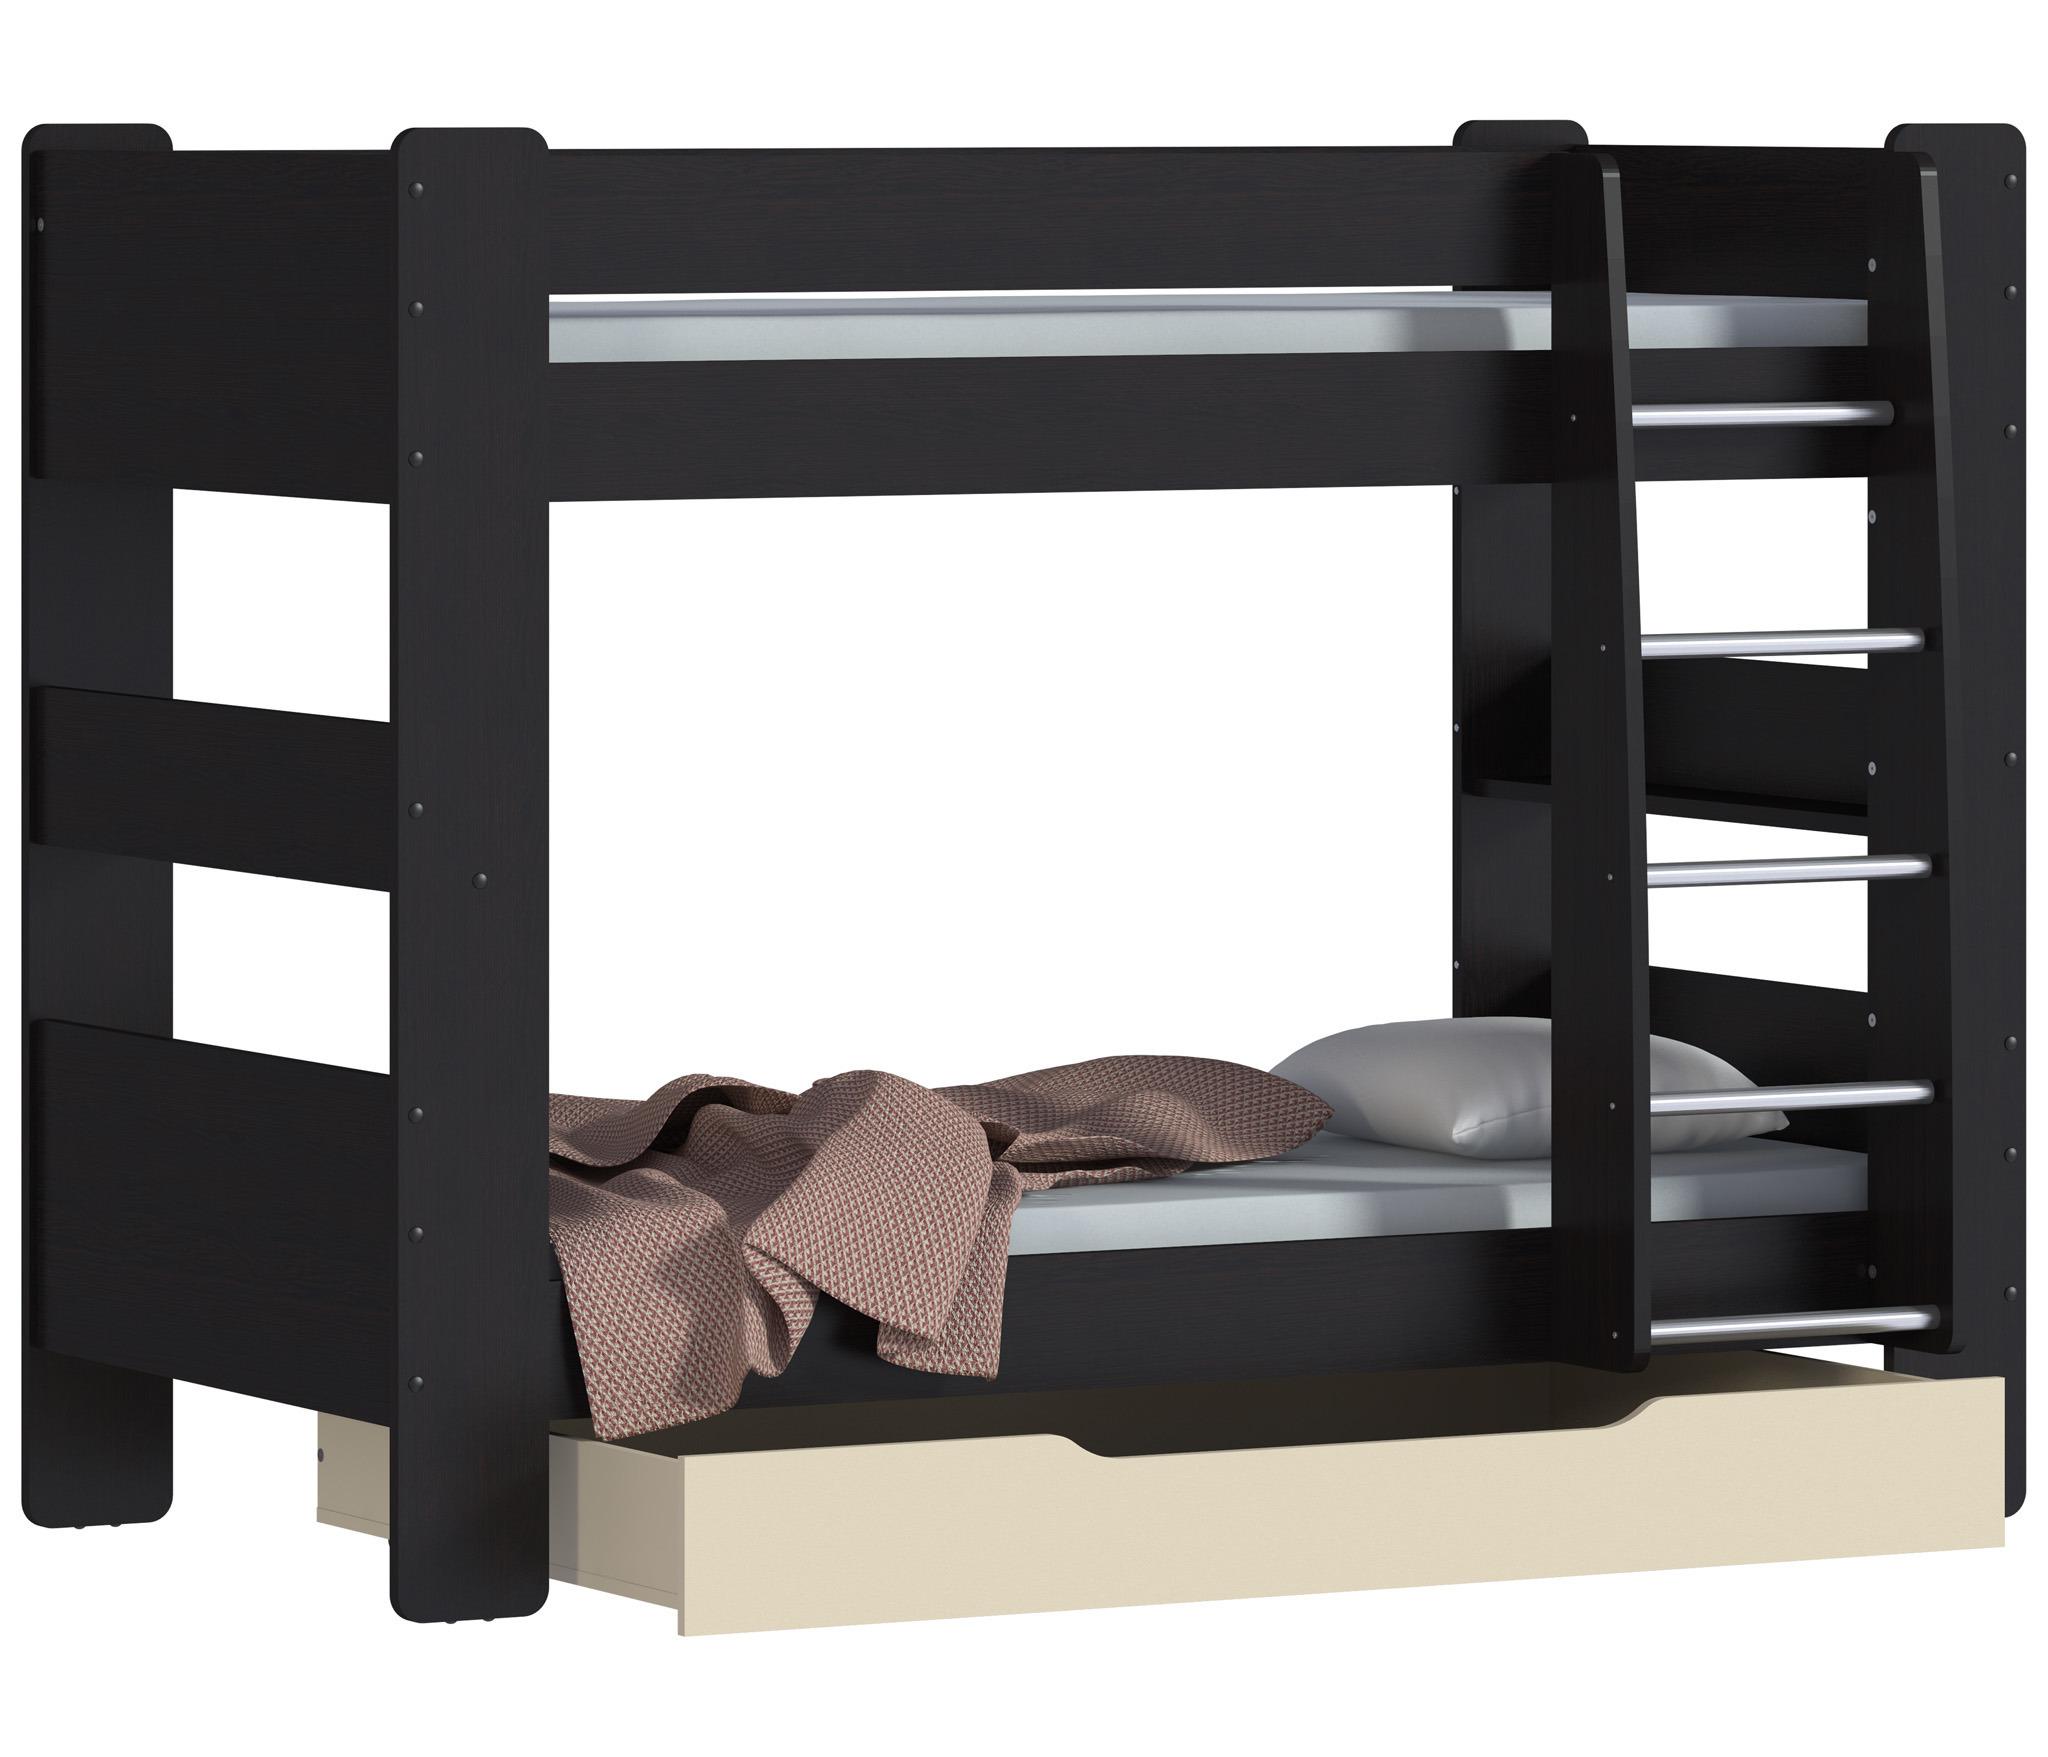 Дакота СБ-2272 Кровать 2-х ярусная с ящикомДетские кровати от 3-х лет<br><br><br>Длина мм: 0<br>Высота мм: 0<br>Глубина мм: 0